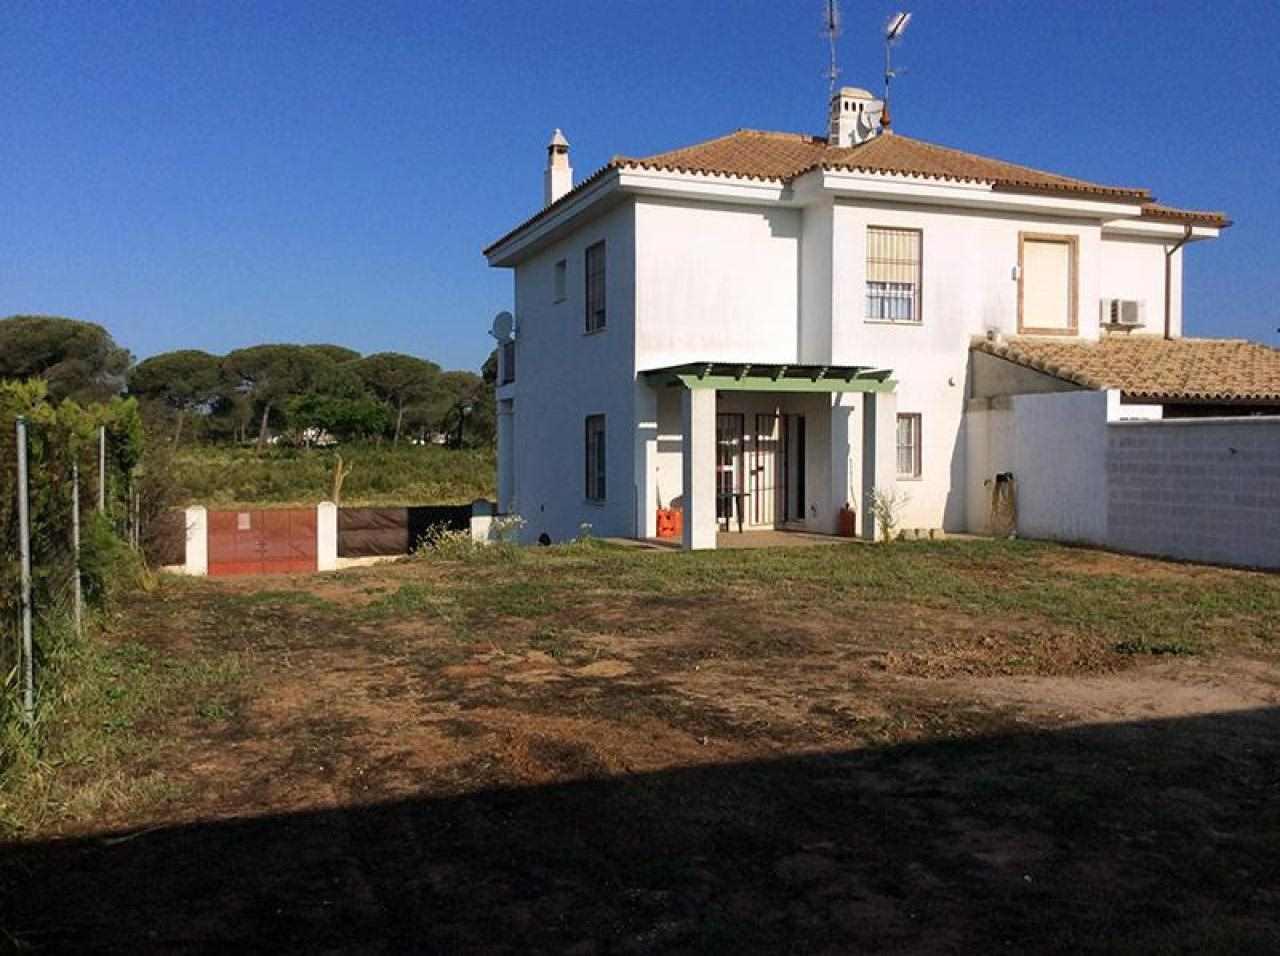 Casas vacacionales El Portil, Huelva